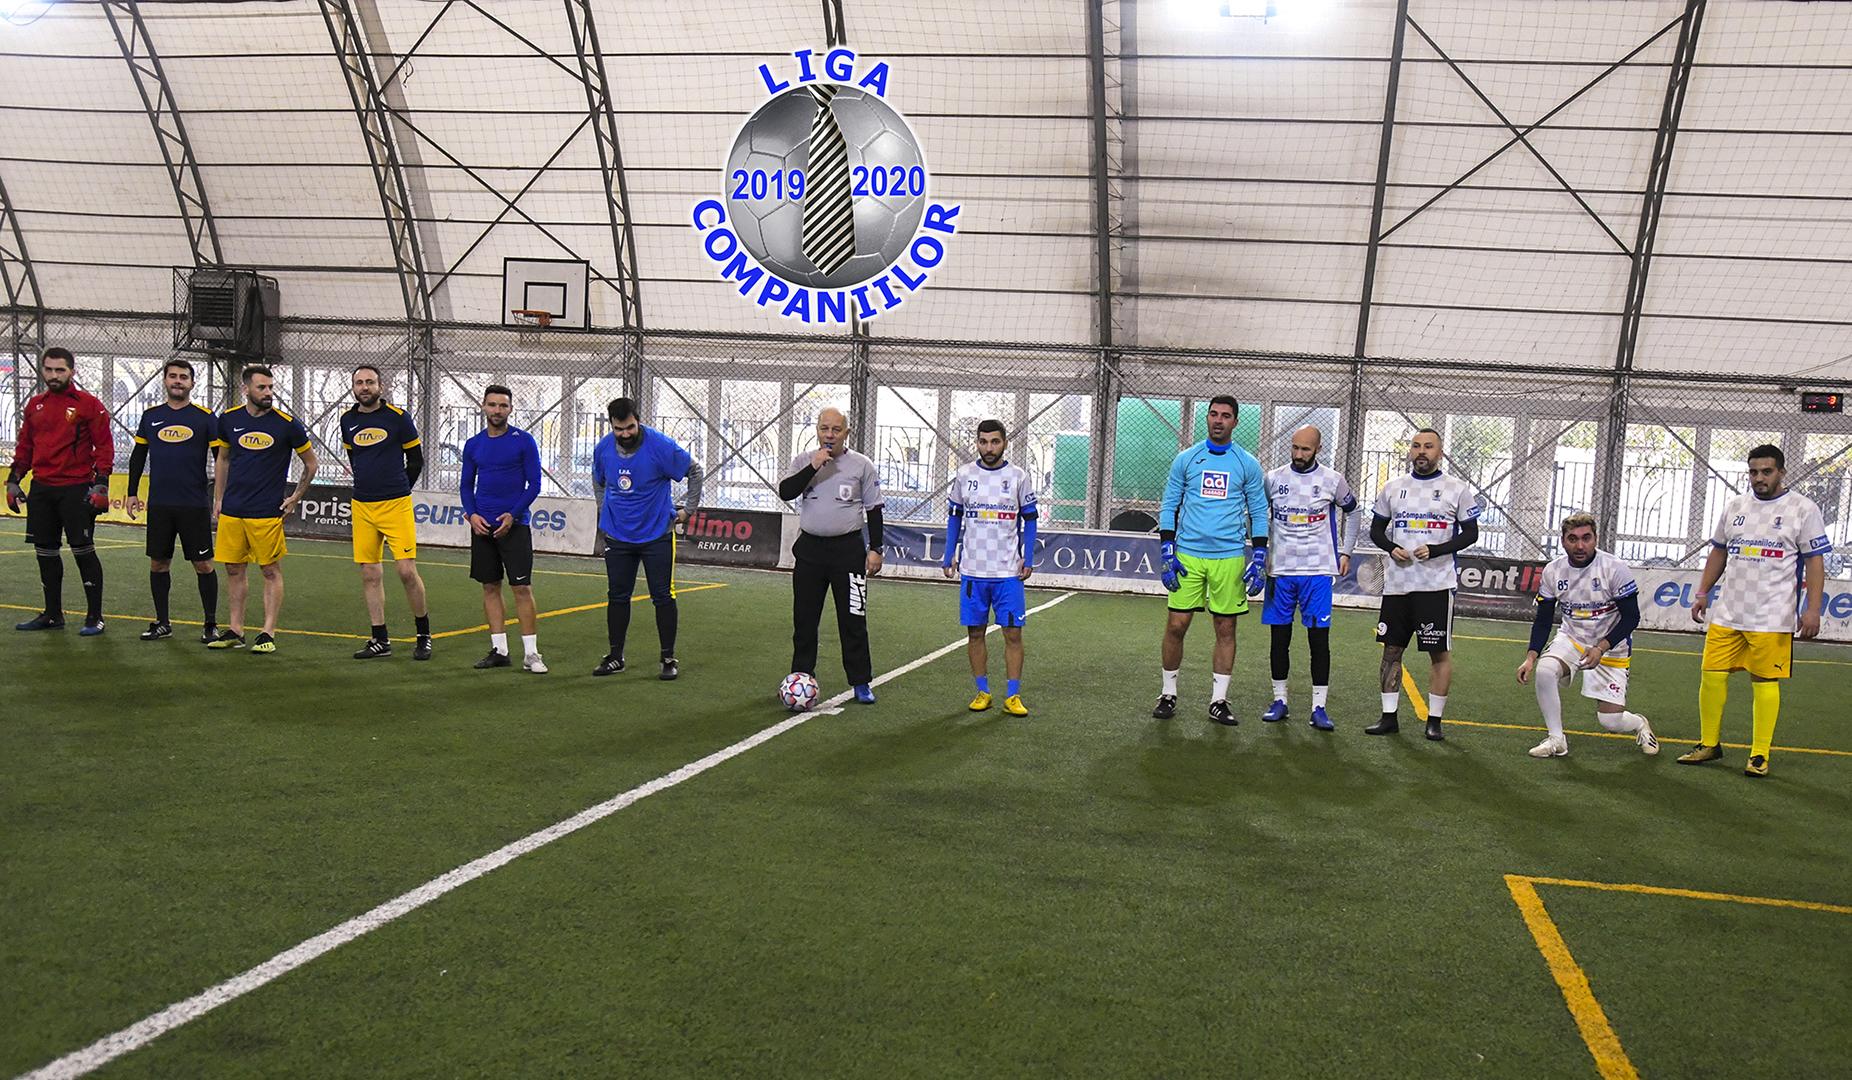 Campionatul și-a încheiat festiv sezonul 2019/2020